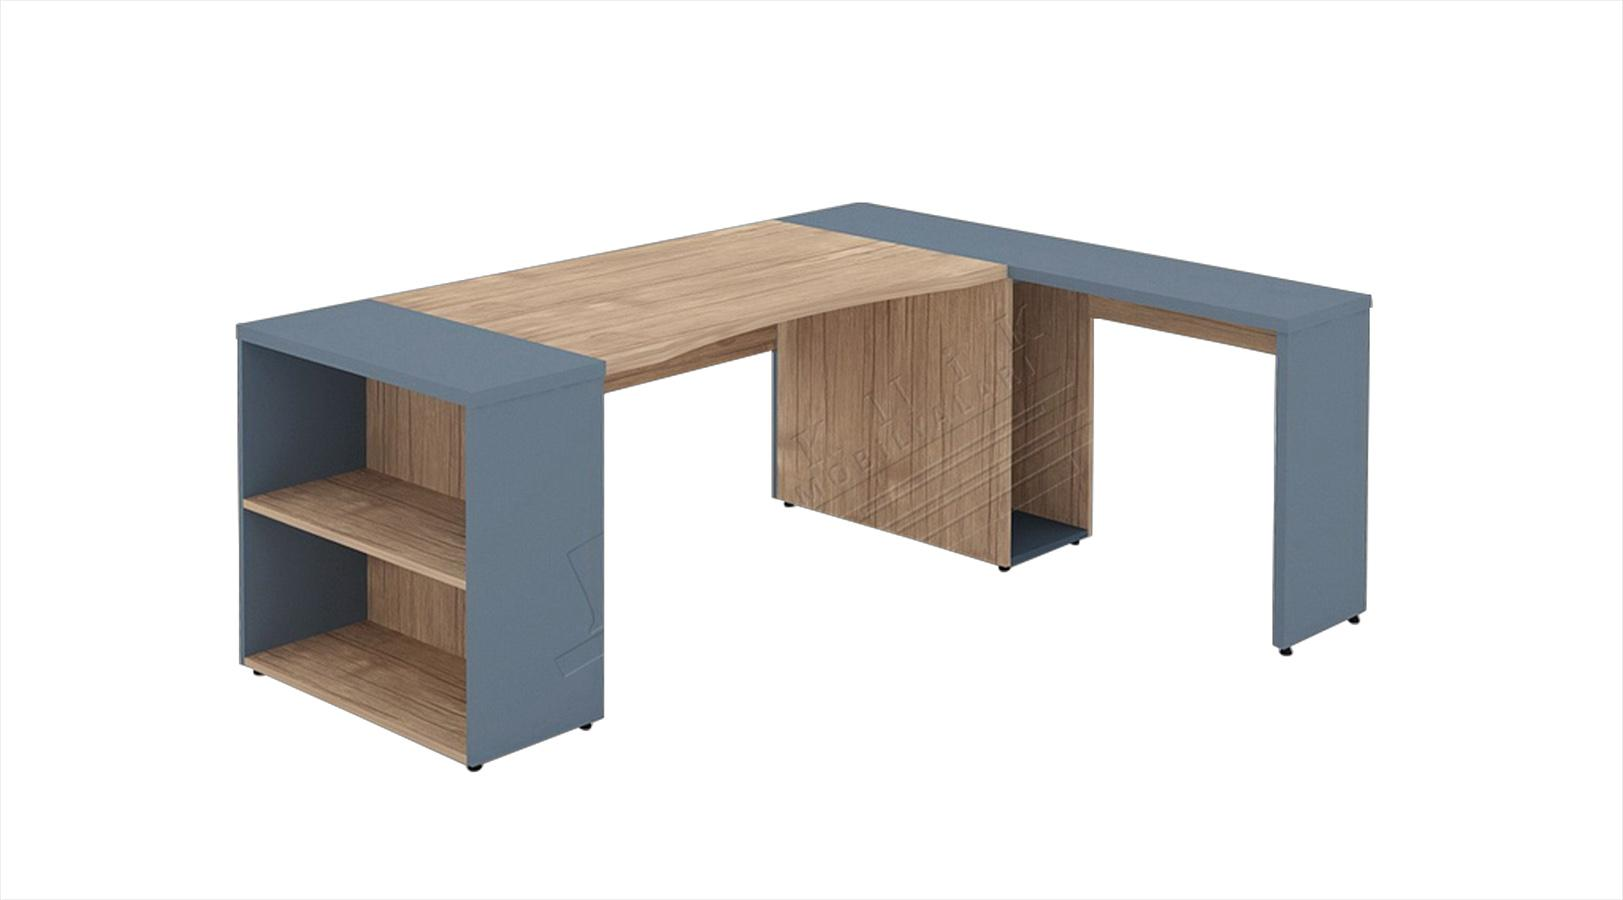 mahi yönetici masası 160cm